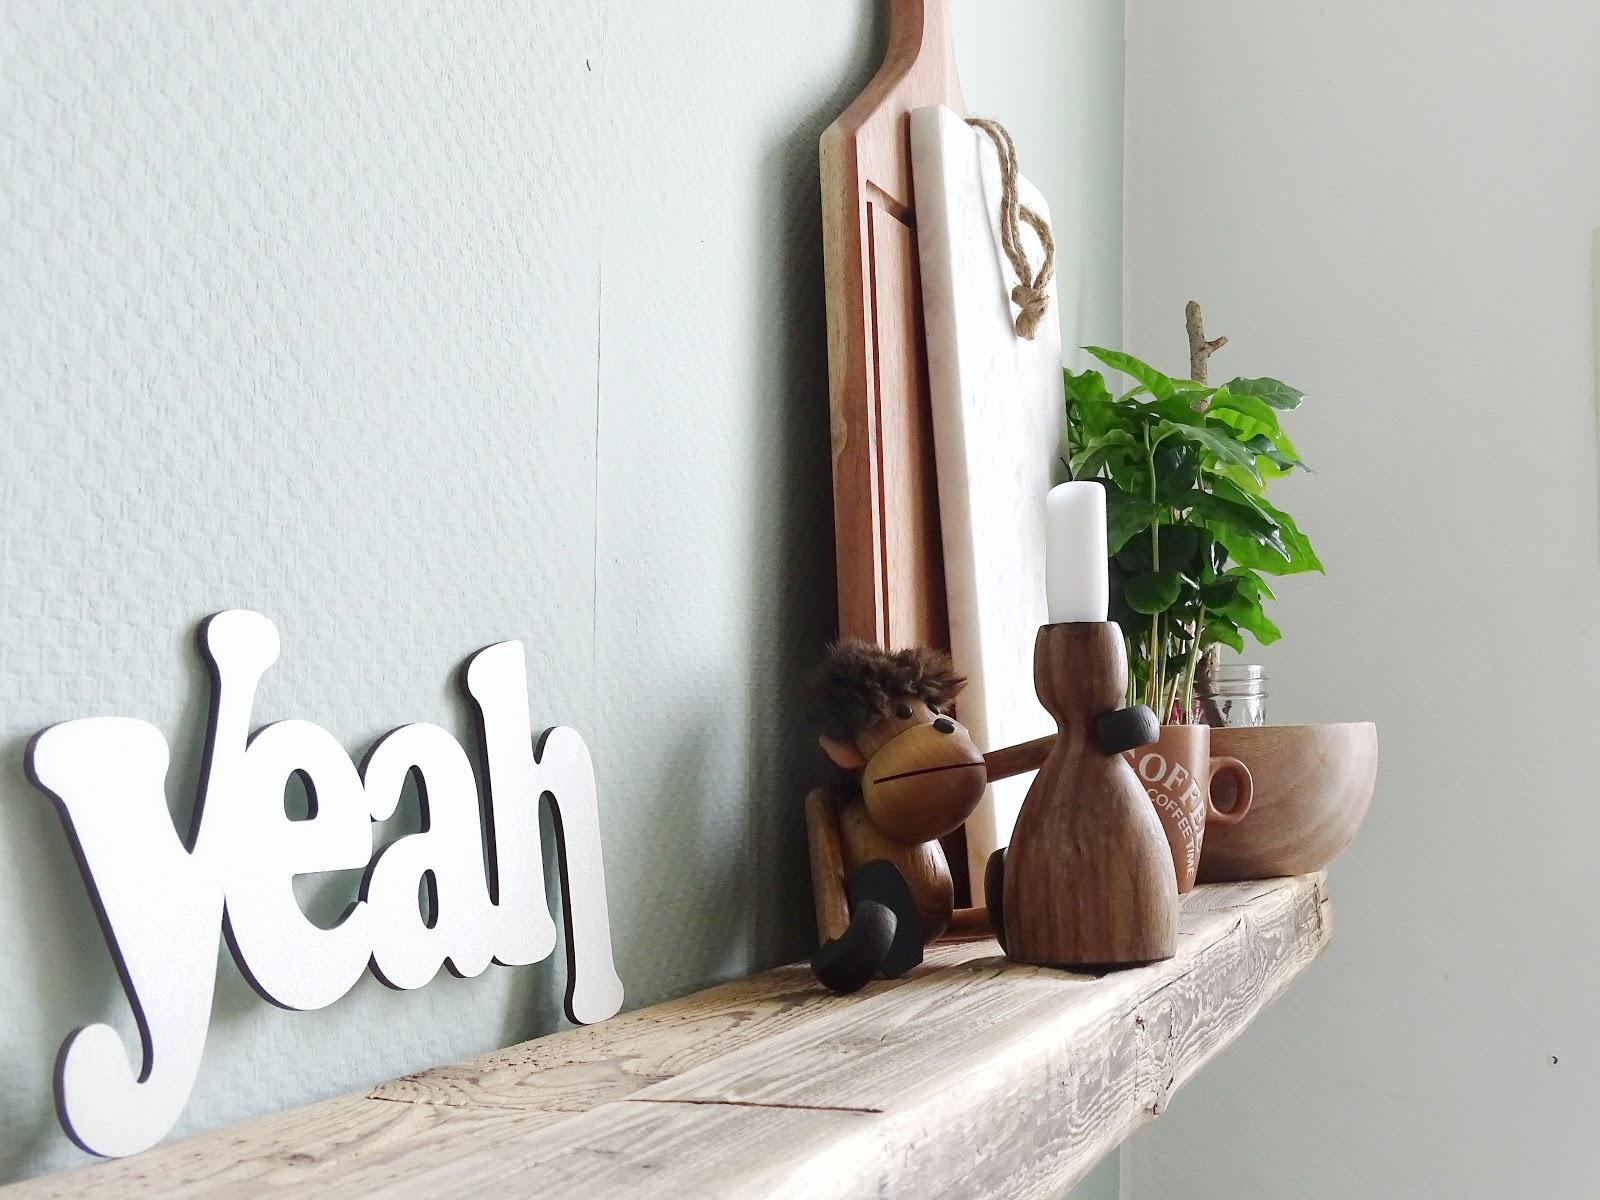 Altholz-Regal und Deko-Idee Regale - Fotoaktion #12von12 - http://mammilade.blogspot.de